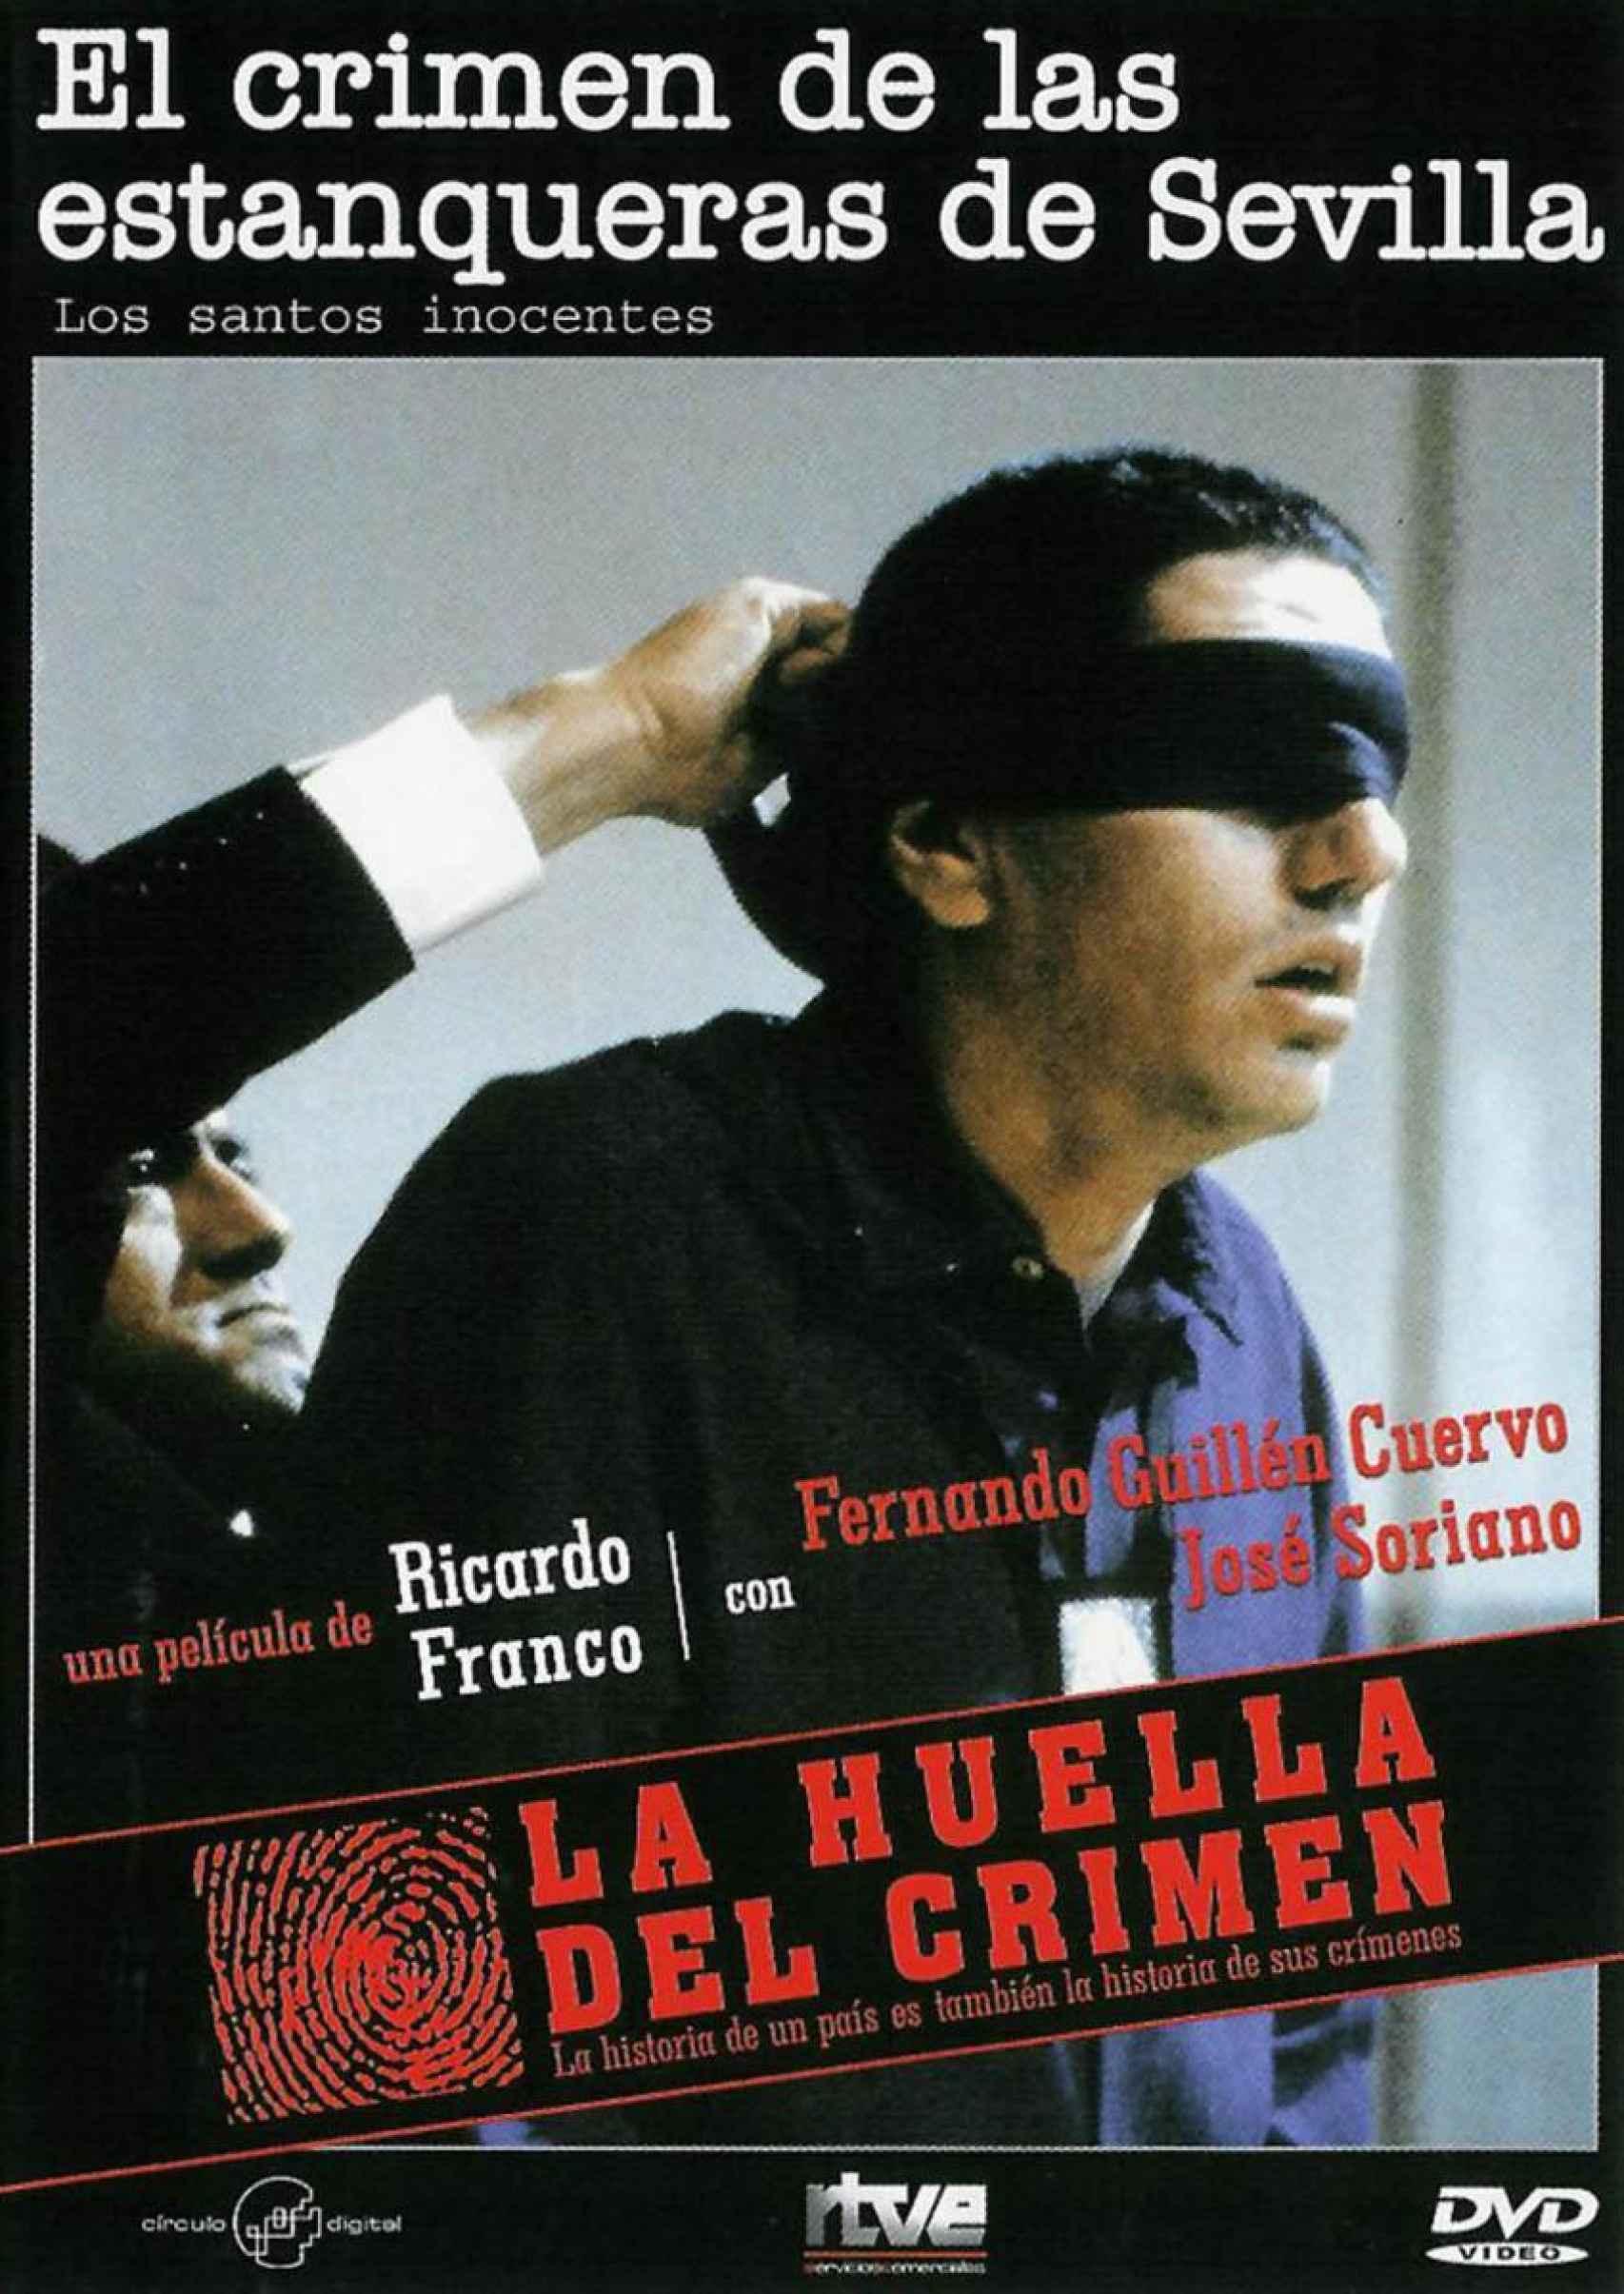 La huella del crimen fue una serie de TVE en la que se recreó este caso.